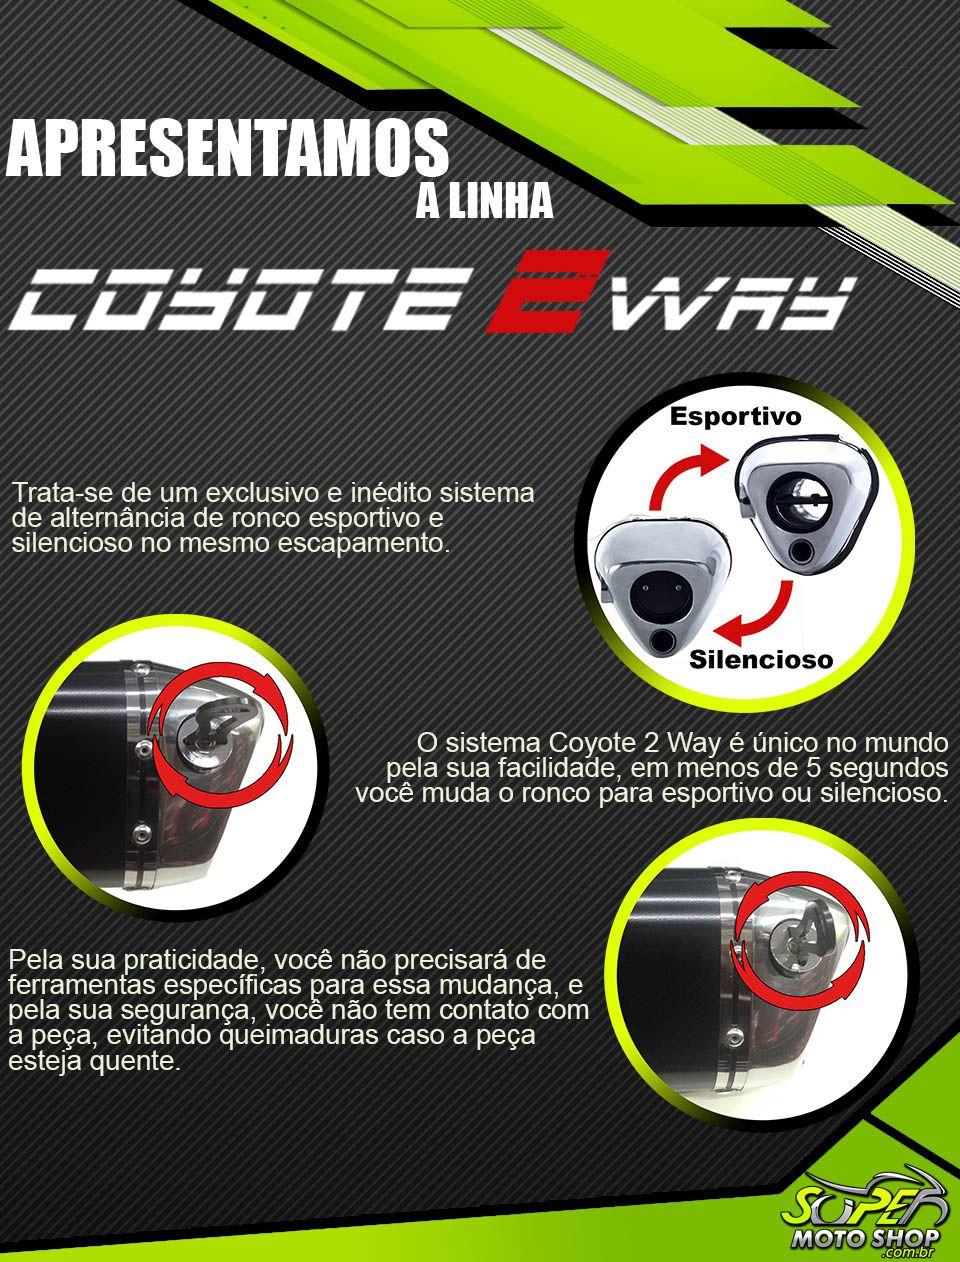 Escape / Ponteira Coyote TRS 2 Way Alumínio - CB 500 F / R / X ano 2018 em Diante  - Honda